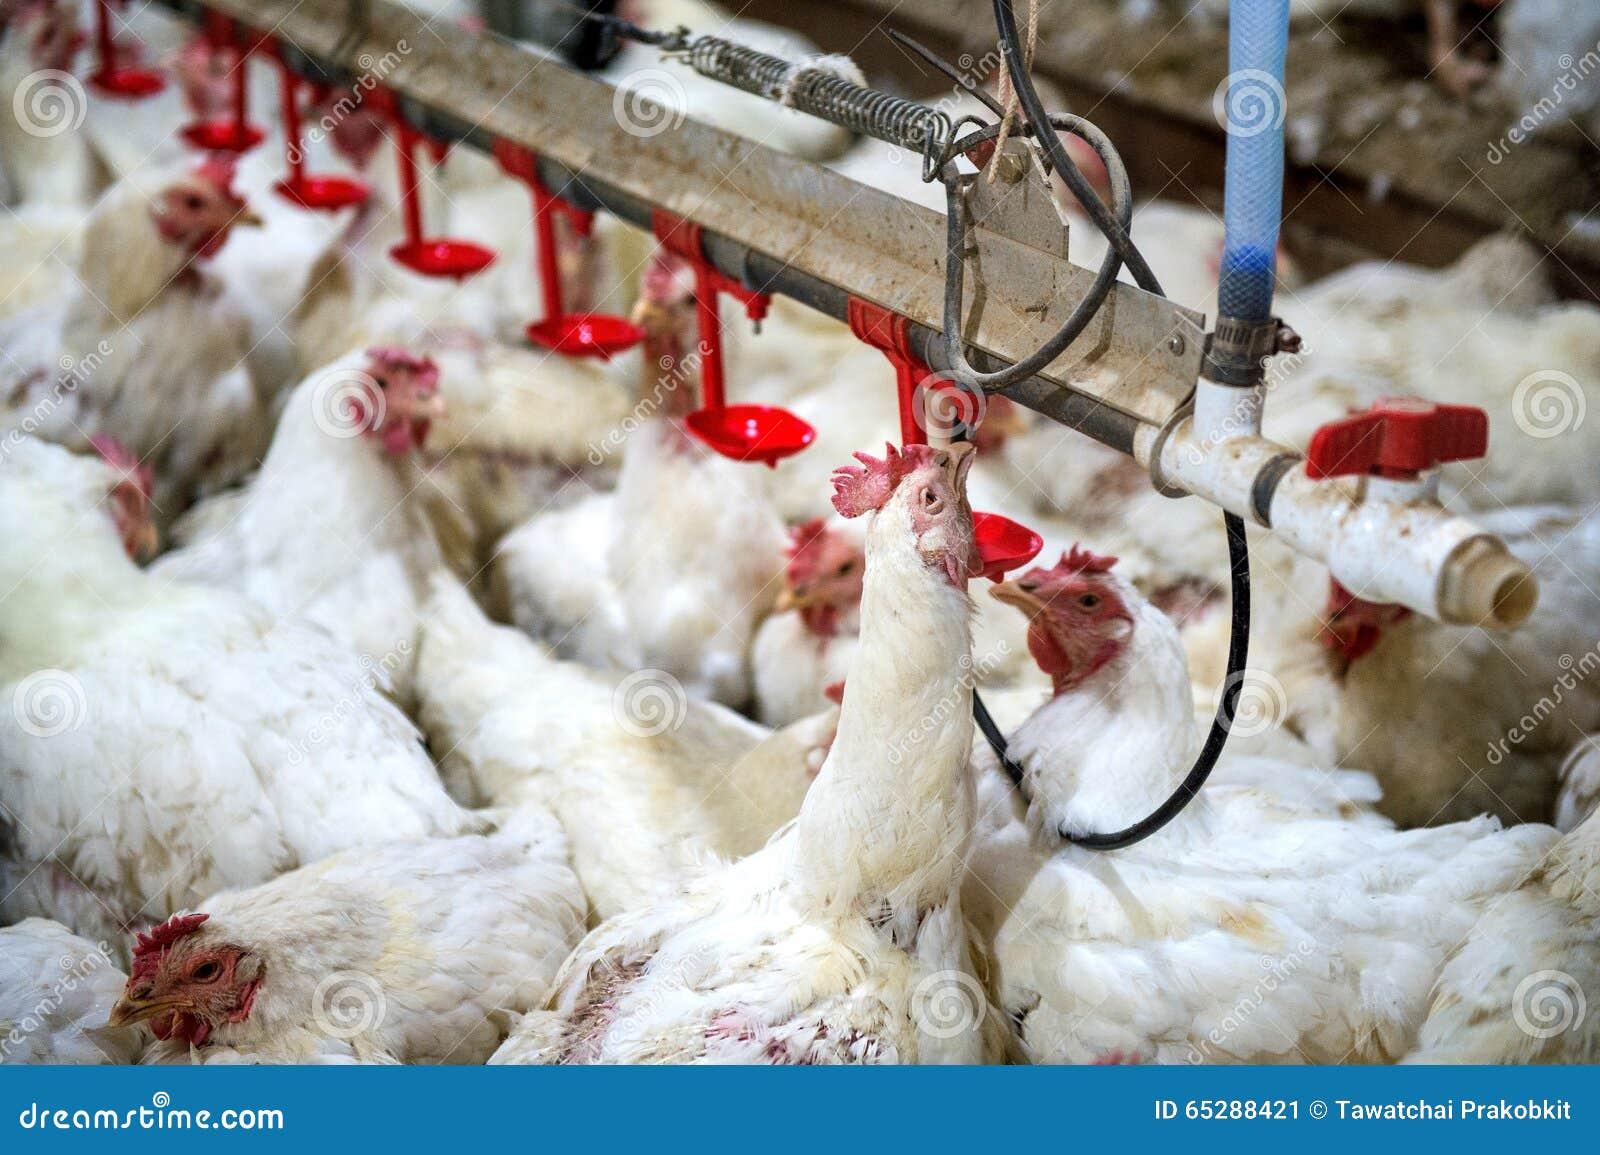 Galinha doente ou galinha triste na exploração agrícola, epidemia, gripe das aves